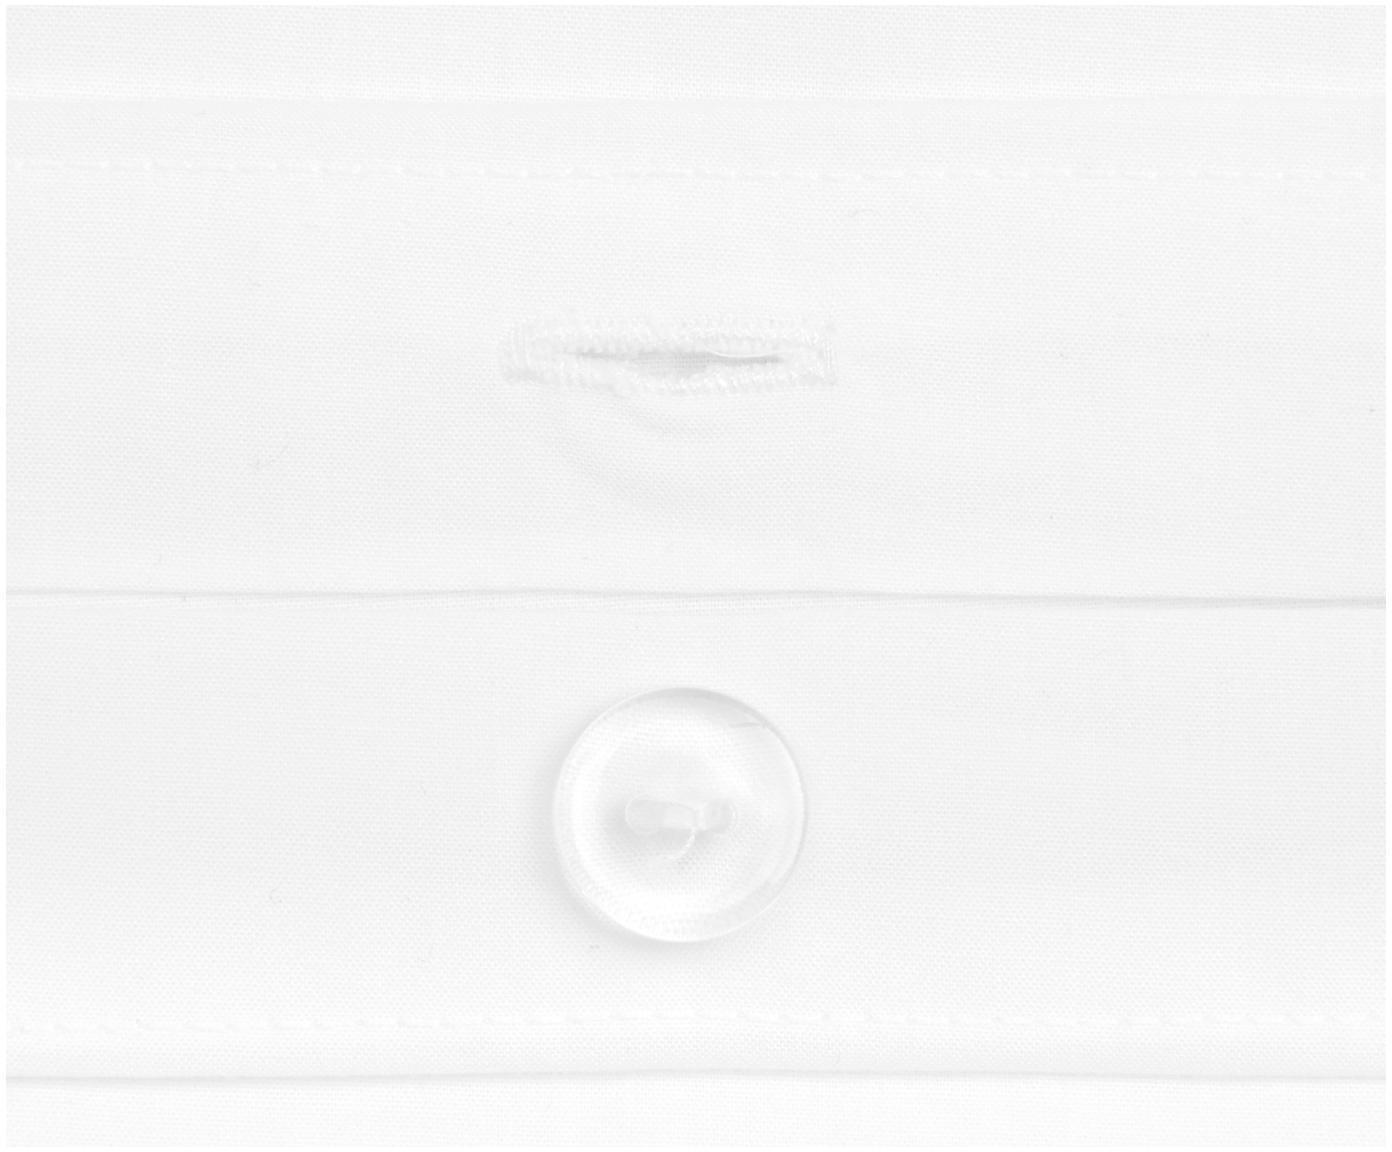 Baumwollperkal-Bettwäsche Joanna in Weiß mit blauem Stehsaum, Webart: Perkal Fadendichte 200 TC, Weiß, Dunkelblau, 135 x 200 cm + 1 Kissen 80 x 80 cm